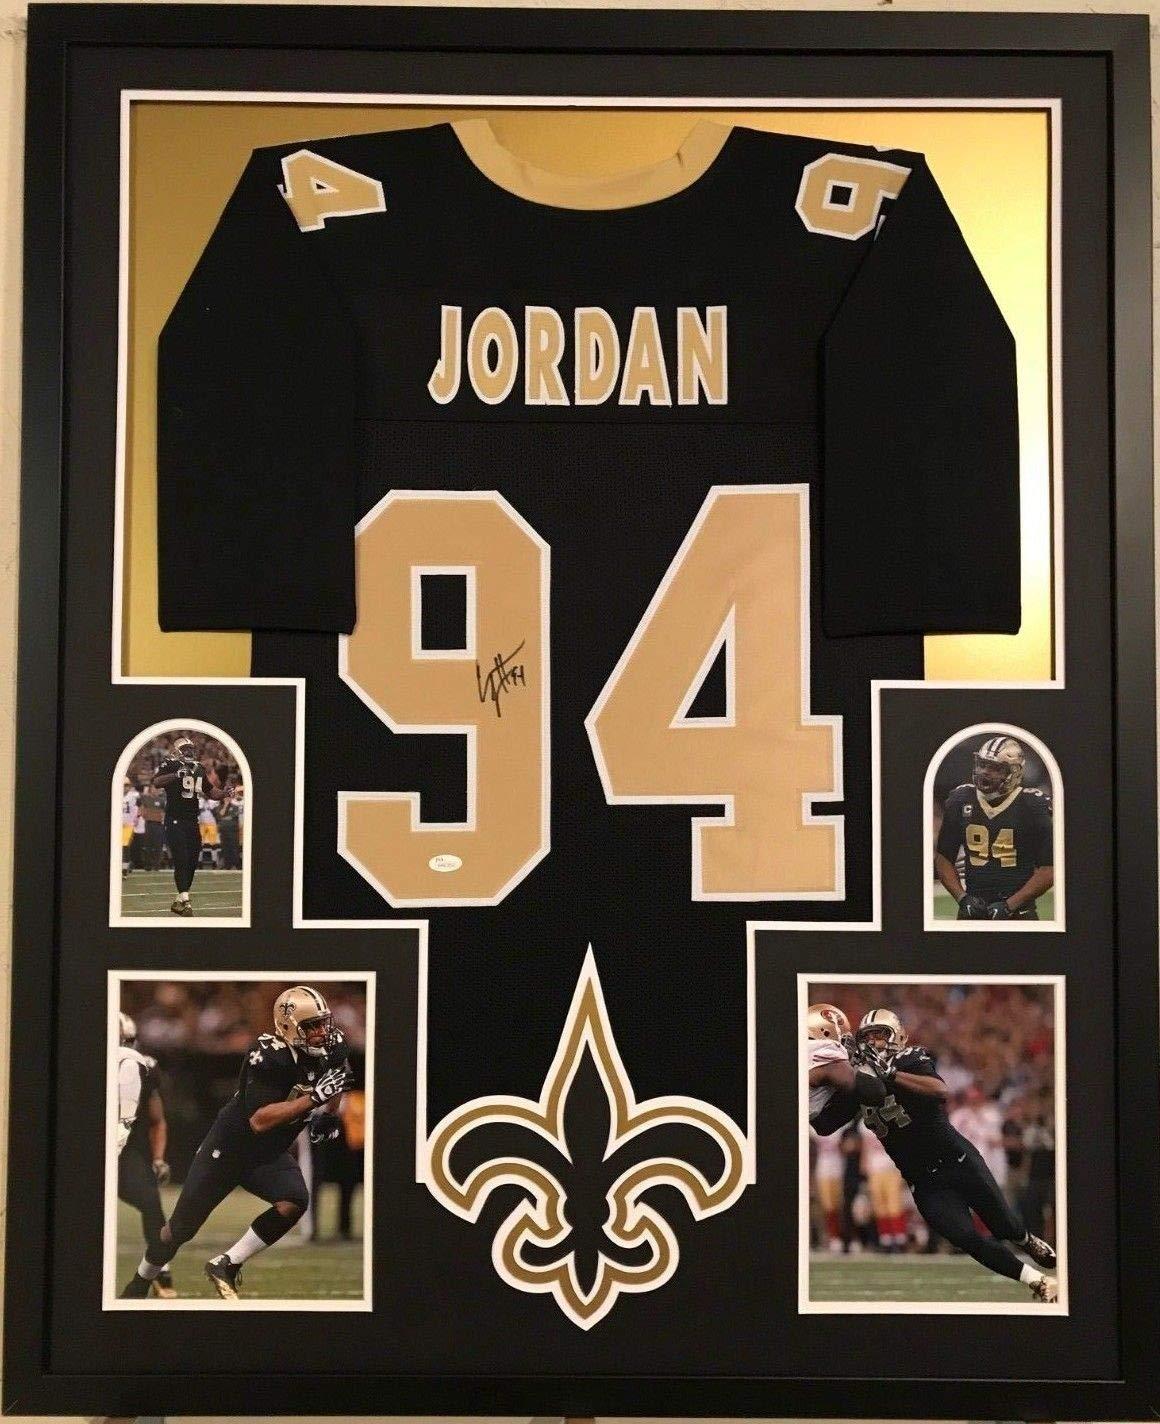 af2fe5af Framed Cameron Jordan Autographed Signed New Orleans Saints Jersey ...